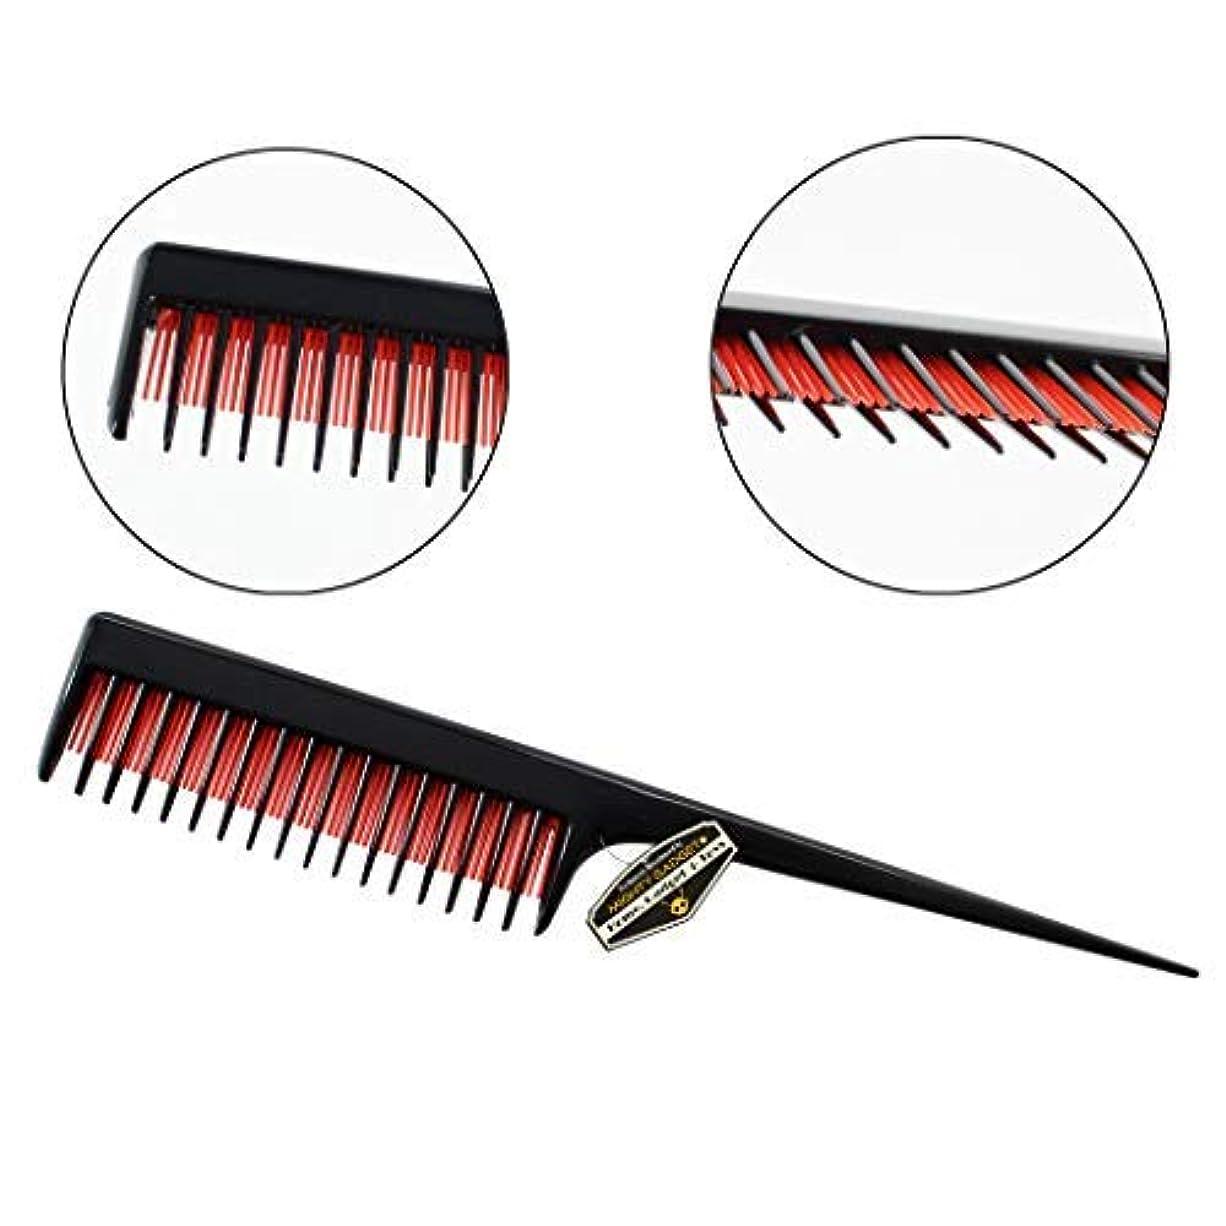 焦がす慢な追放するMighty Gadget 8 inch Teasing Comb - Rat Tail Comb for Back Combing, Root Teasing, Adding Volume, Evening Styling...